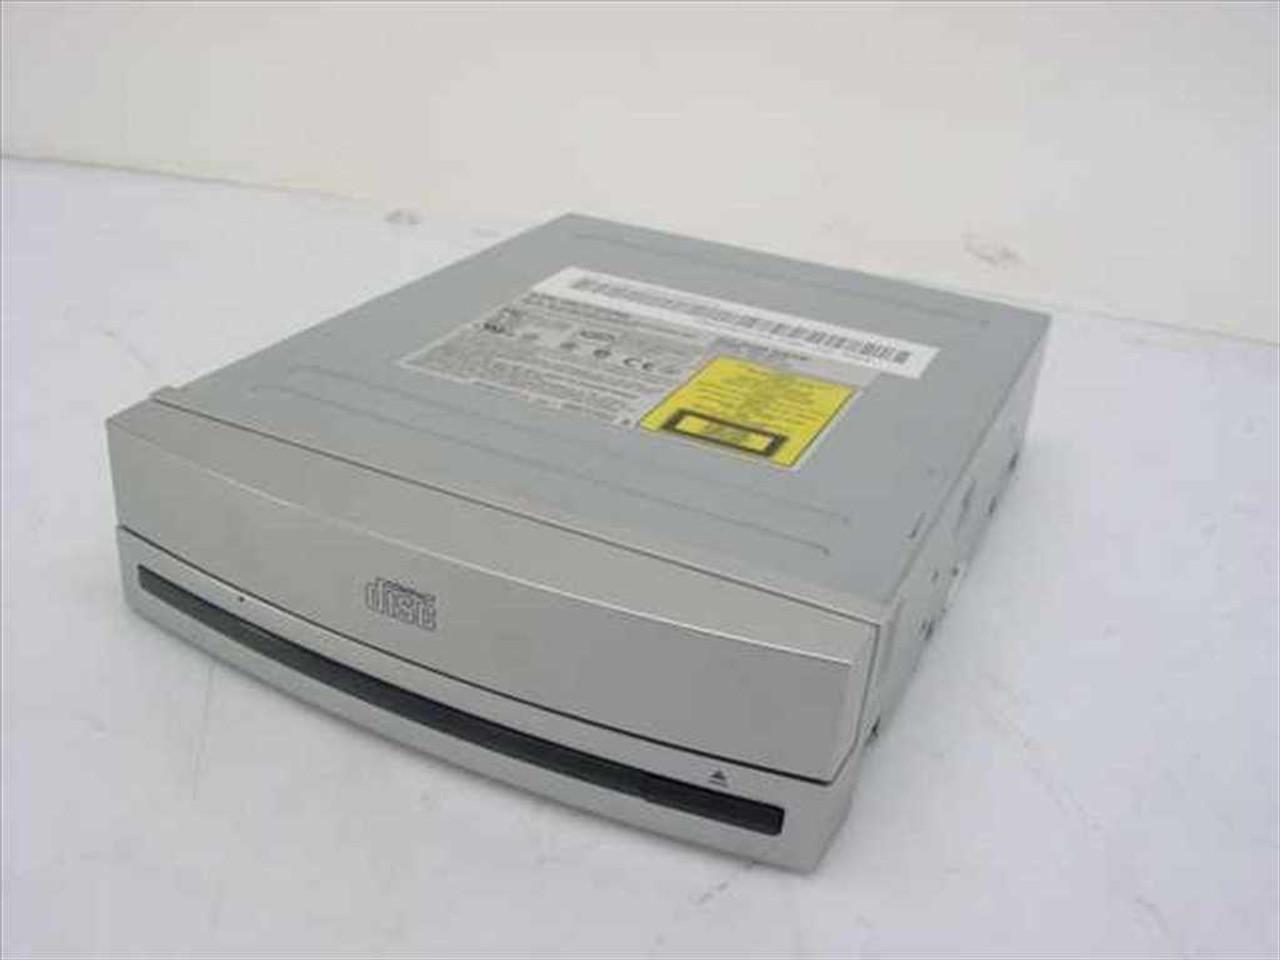 LITE-ON CD-ROM LTNT DRIVERS FOR WINDOWS 7